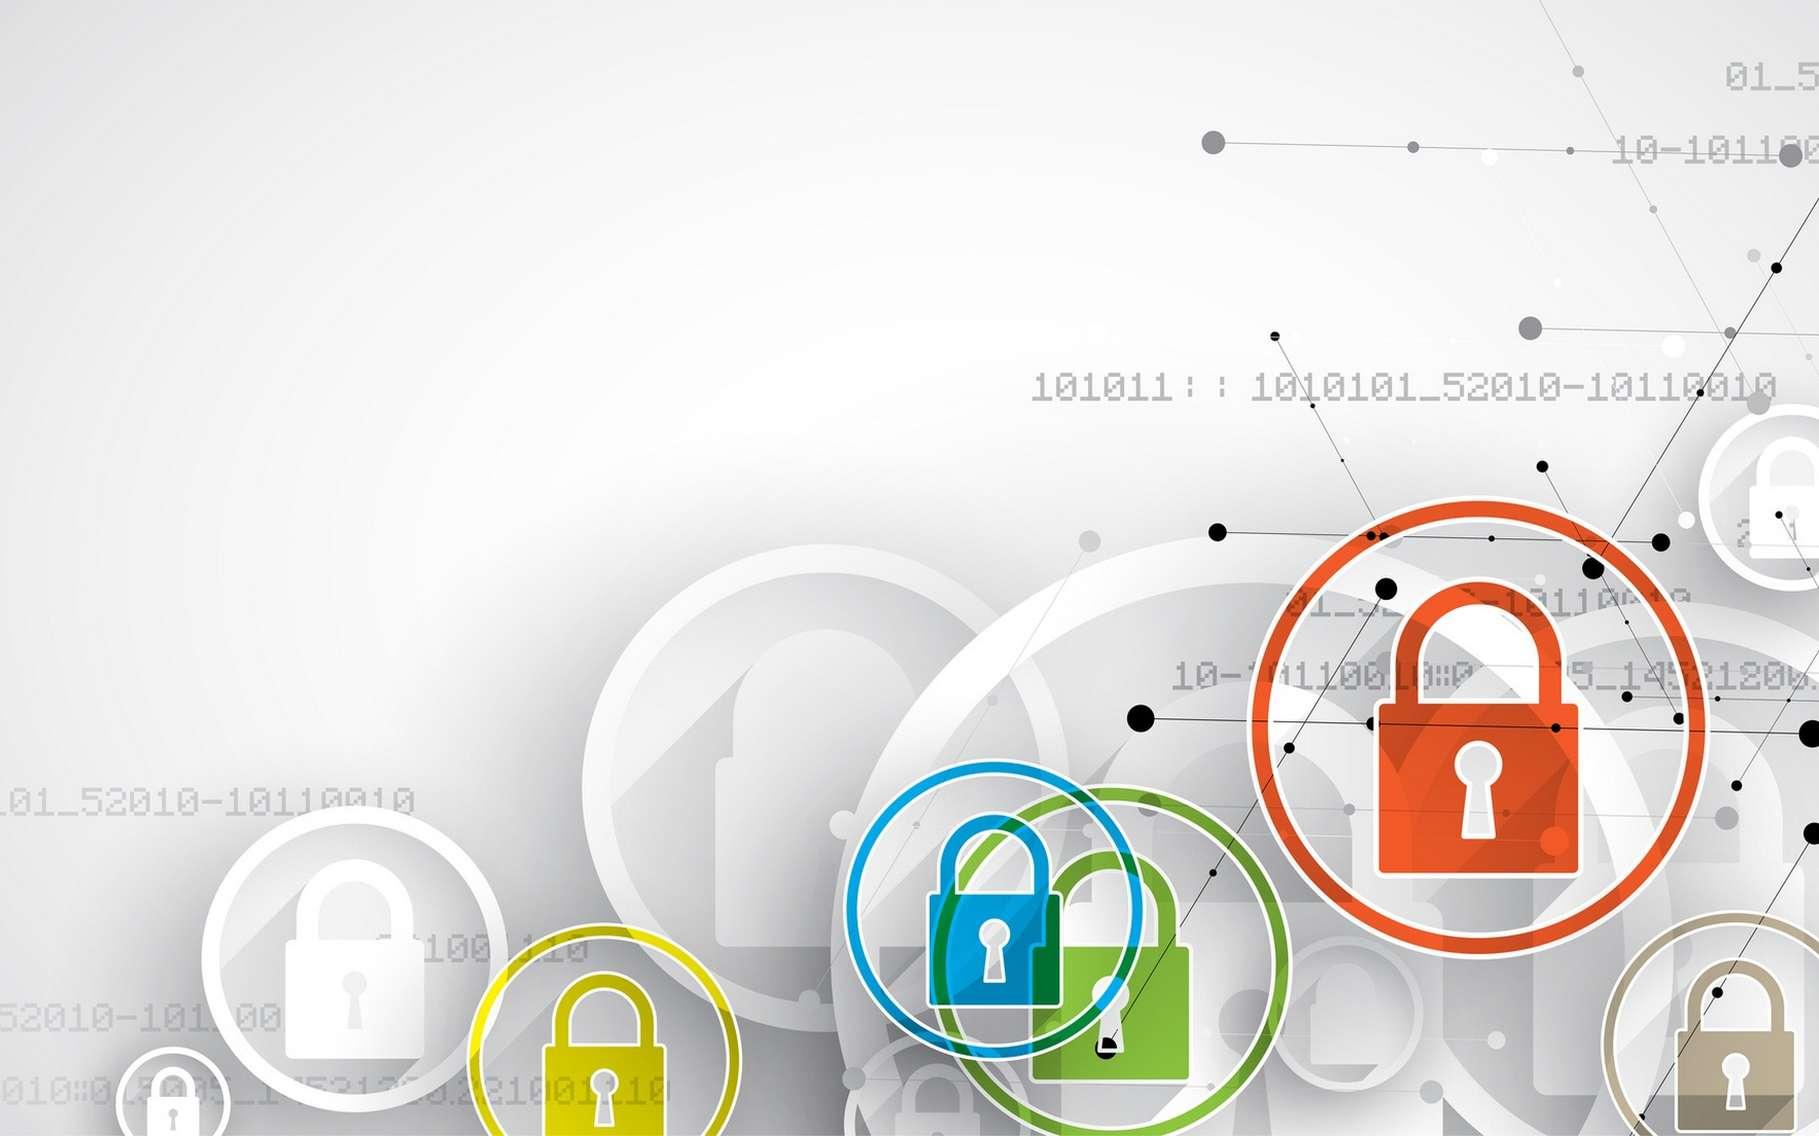 L'attaque de point d'eau, ou watering hole attack, est une technique de cyberattaque qui permet de cibler des systèmes informatiques très sécurisés par des moyens détournés. © Kras99, Fotolia